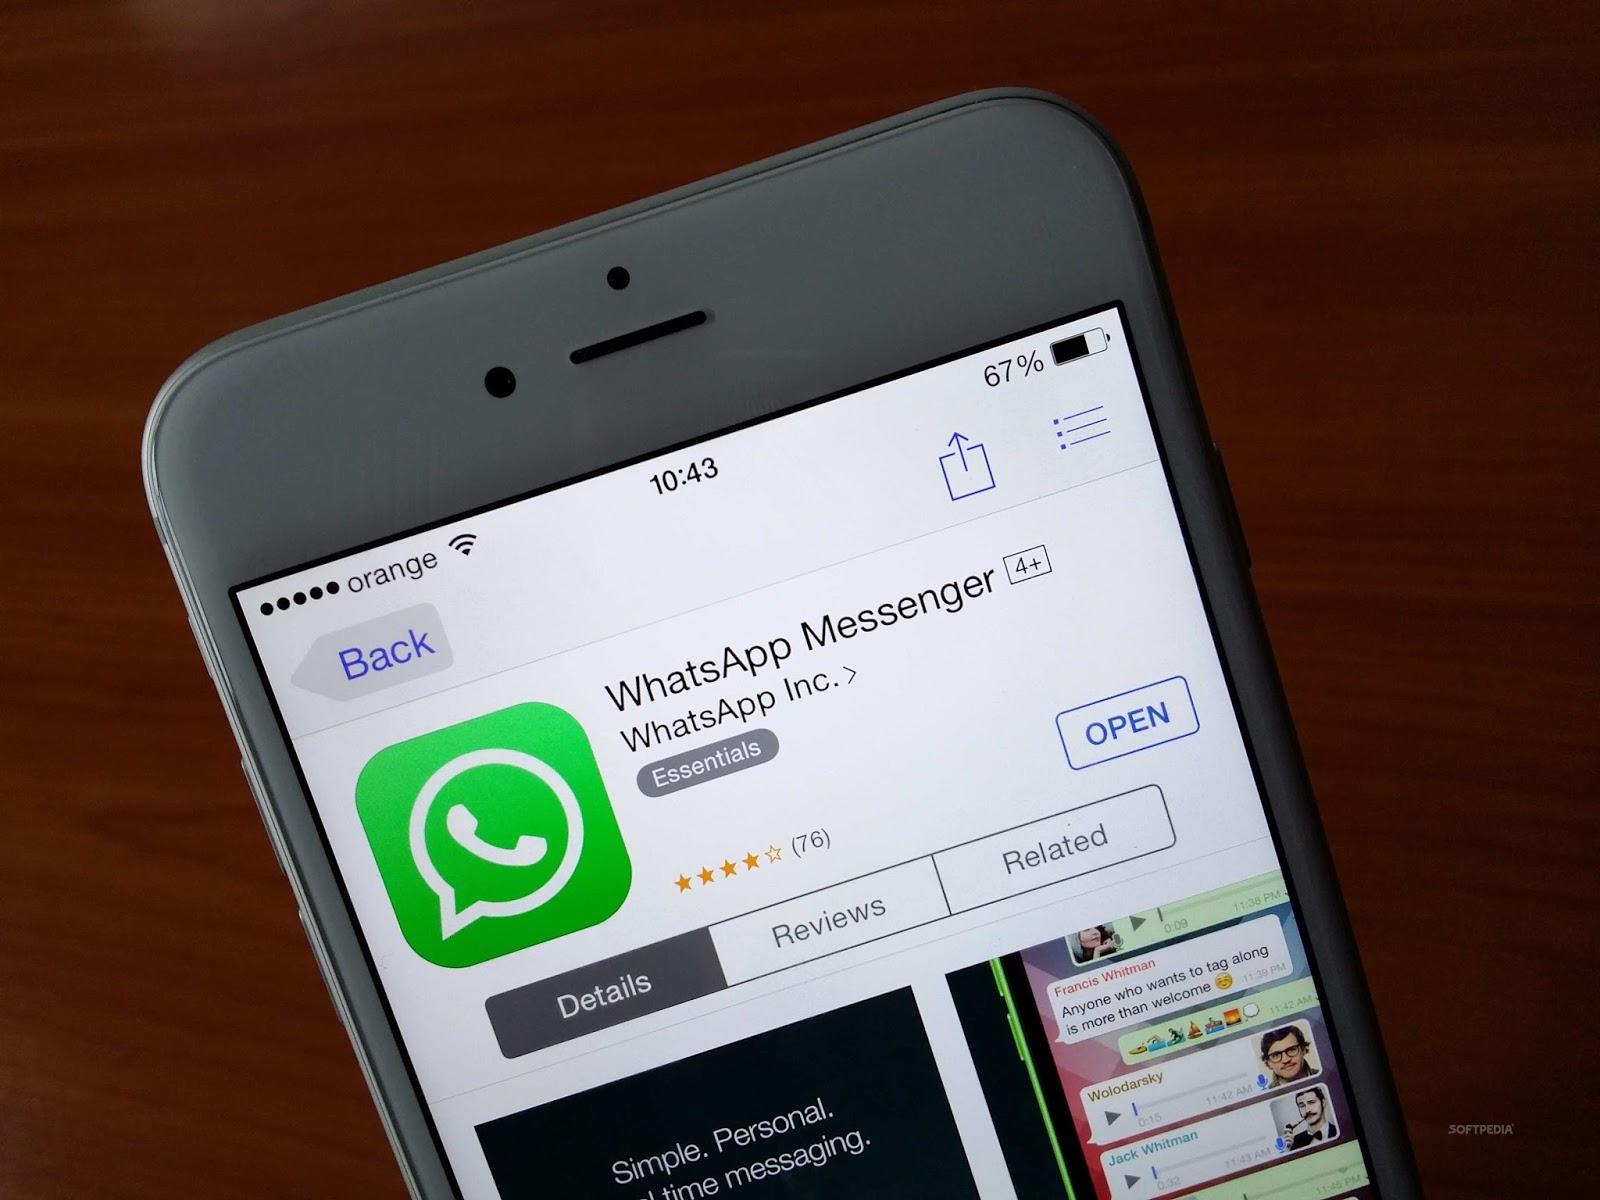 yeni whatsapp güncellemesi sdn